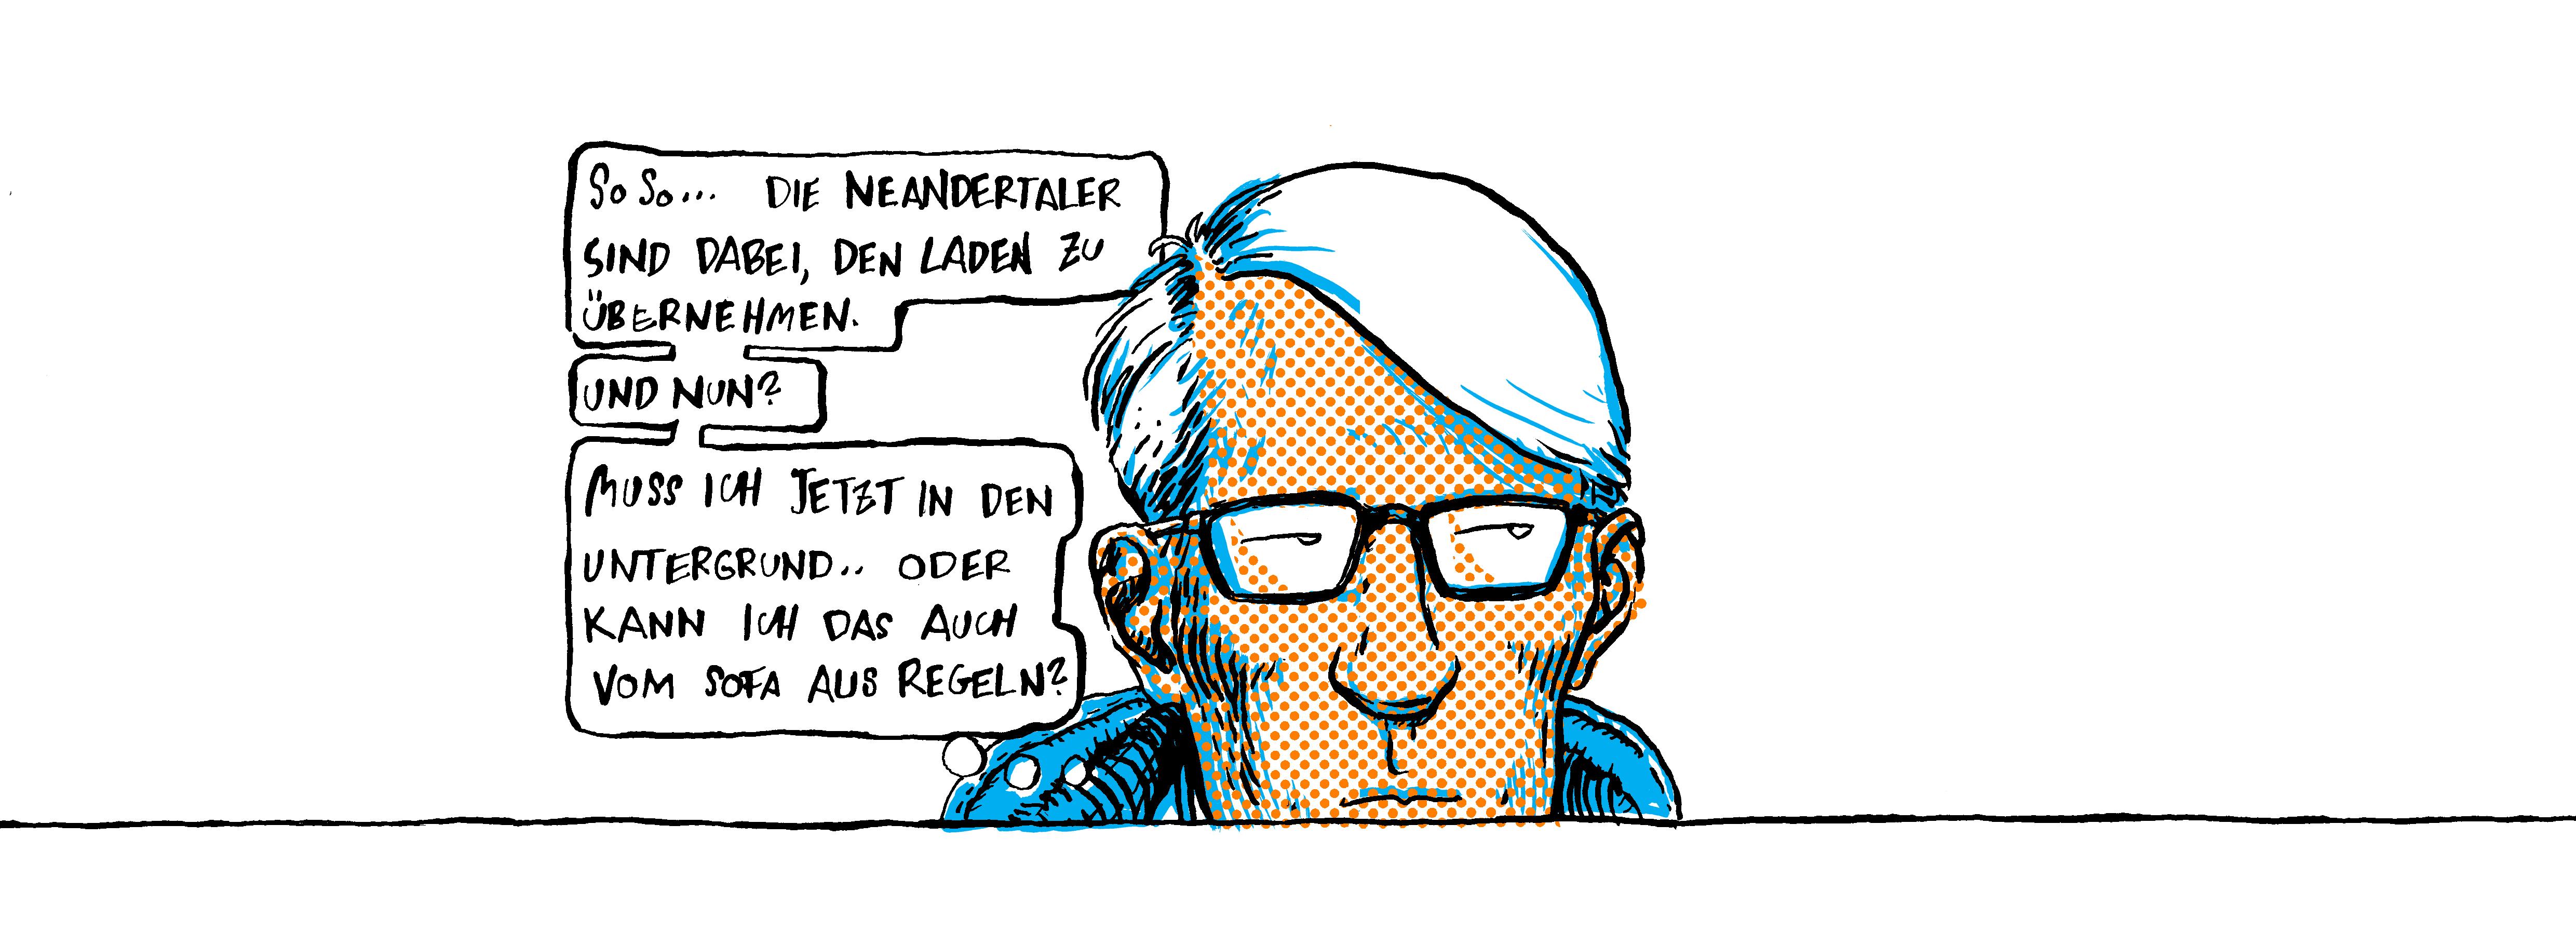 np_kopfzeile__matczinski16_10